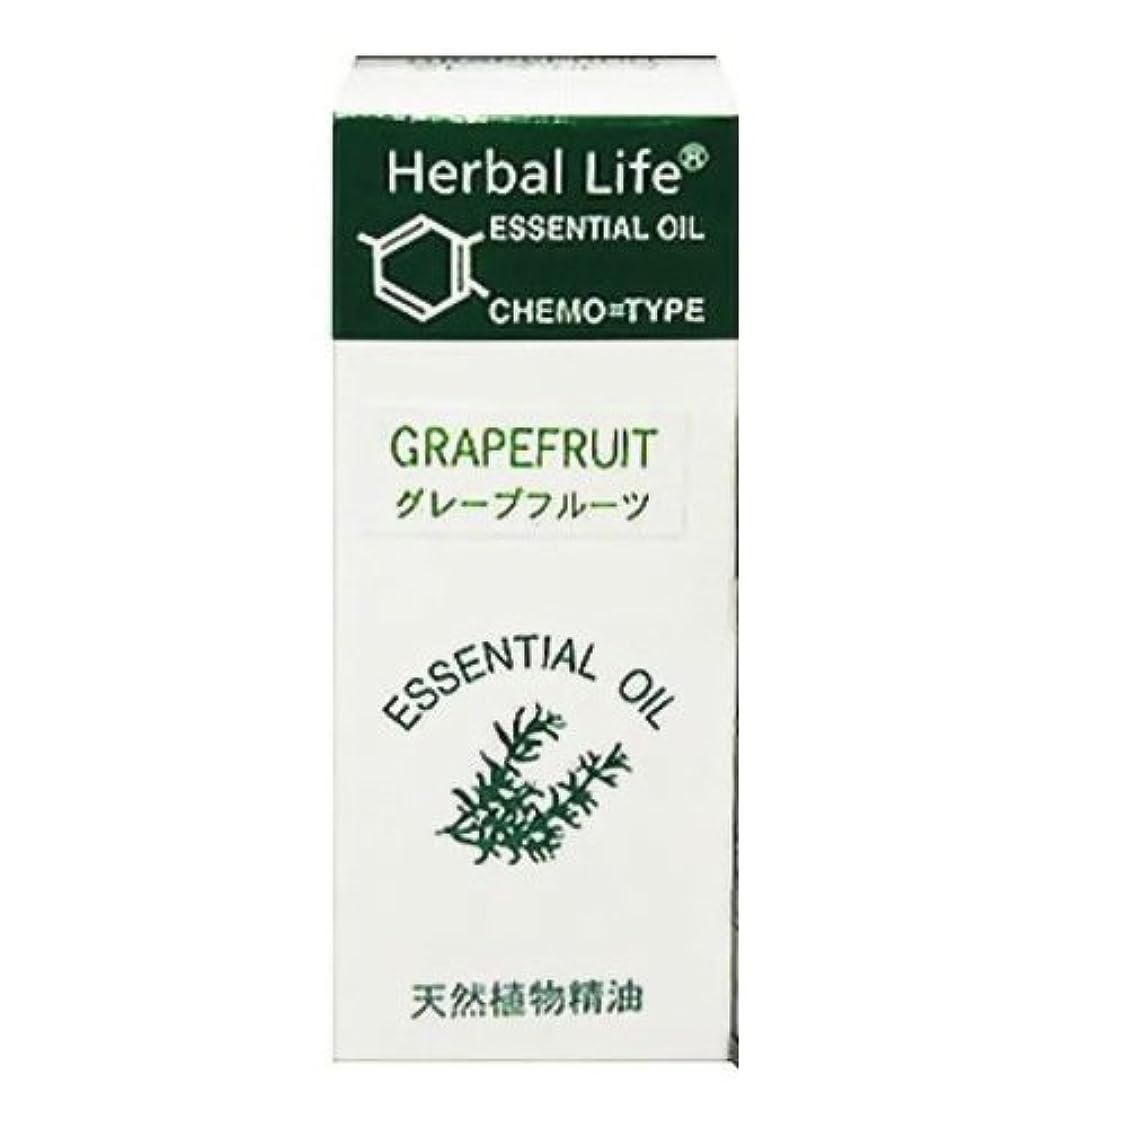 軽蔑する上下する類人猿生活の木 エッセンシャルオイル グレープフルーツ 10ml